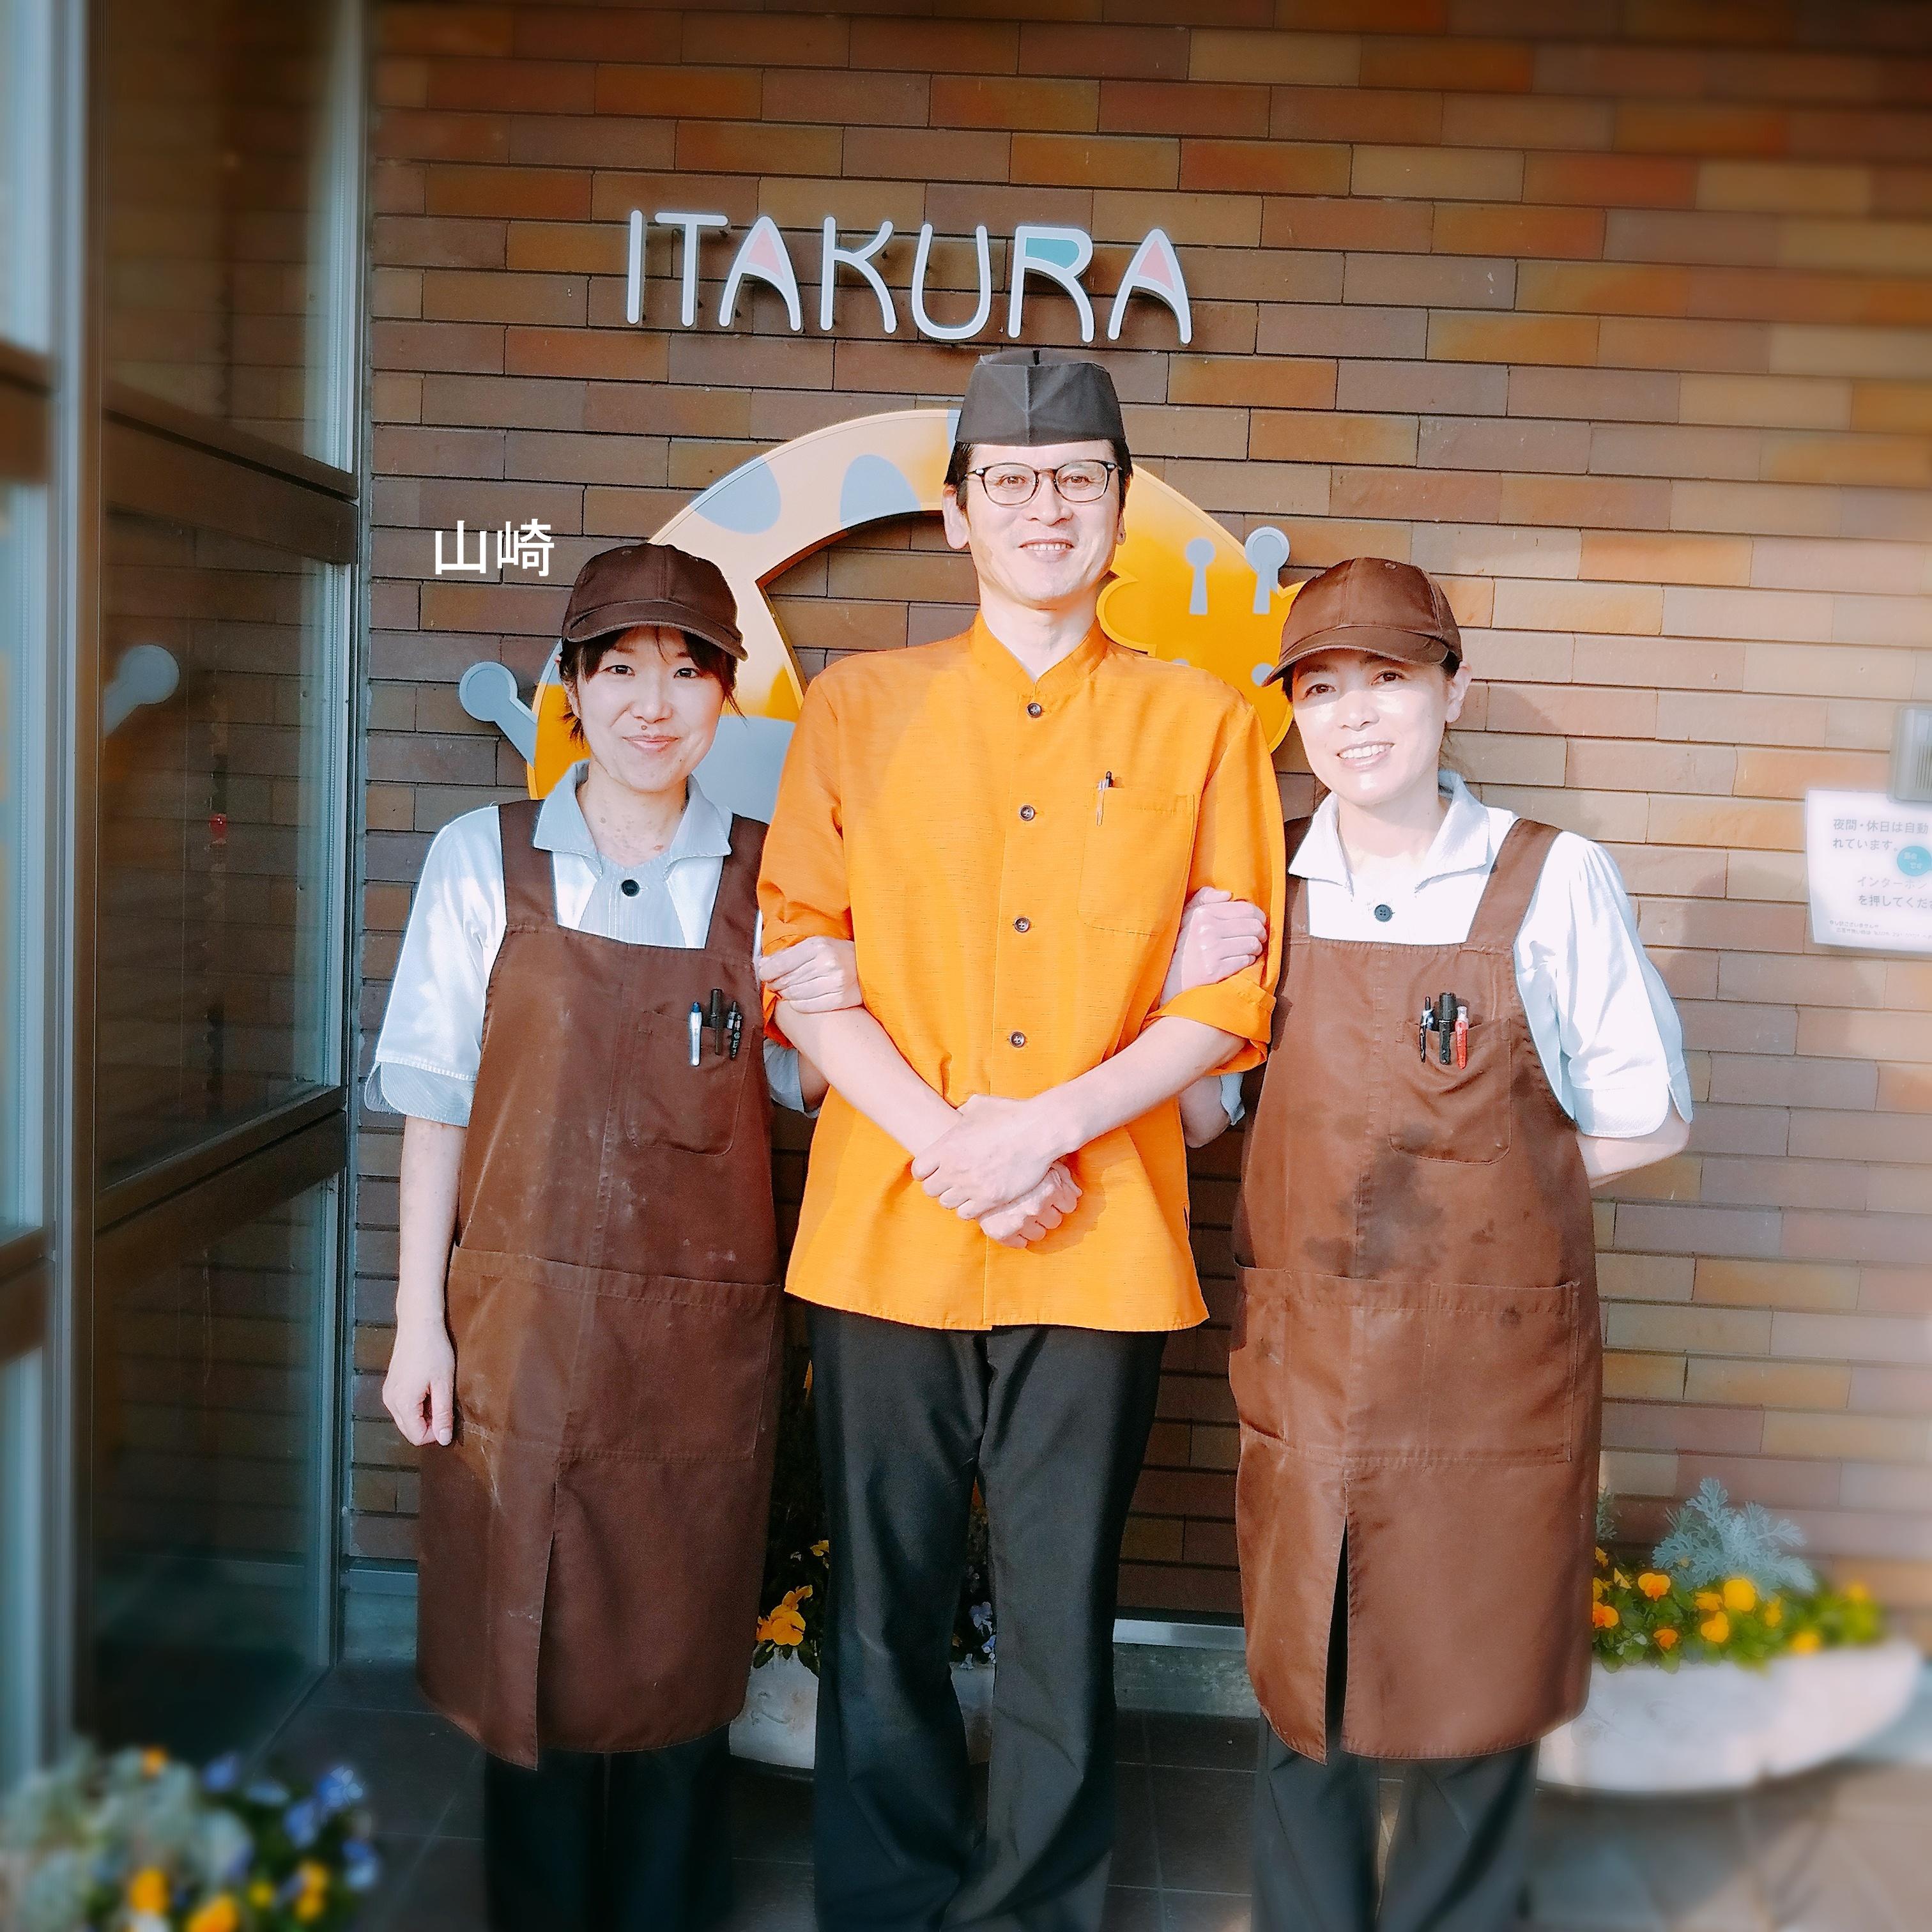 http://www.itakura-cli.jp/staffblog/upload/images/%E5%B1%B1%E3%81%A1%E3%82%83%E3%82%93.jpg